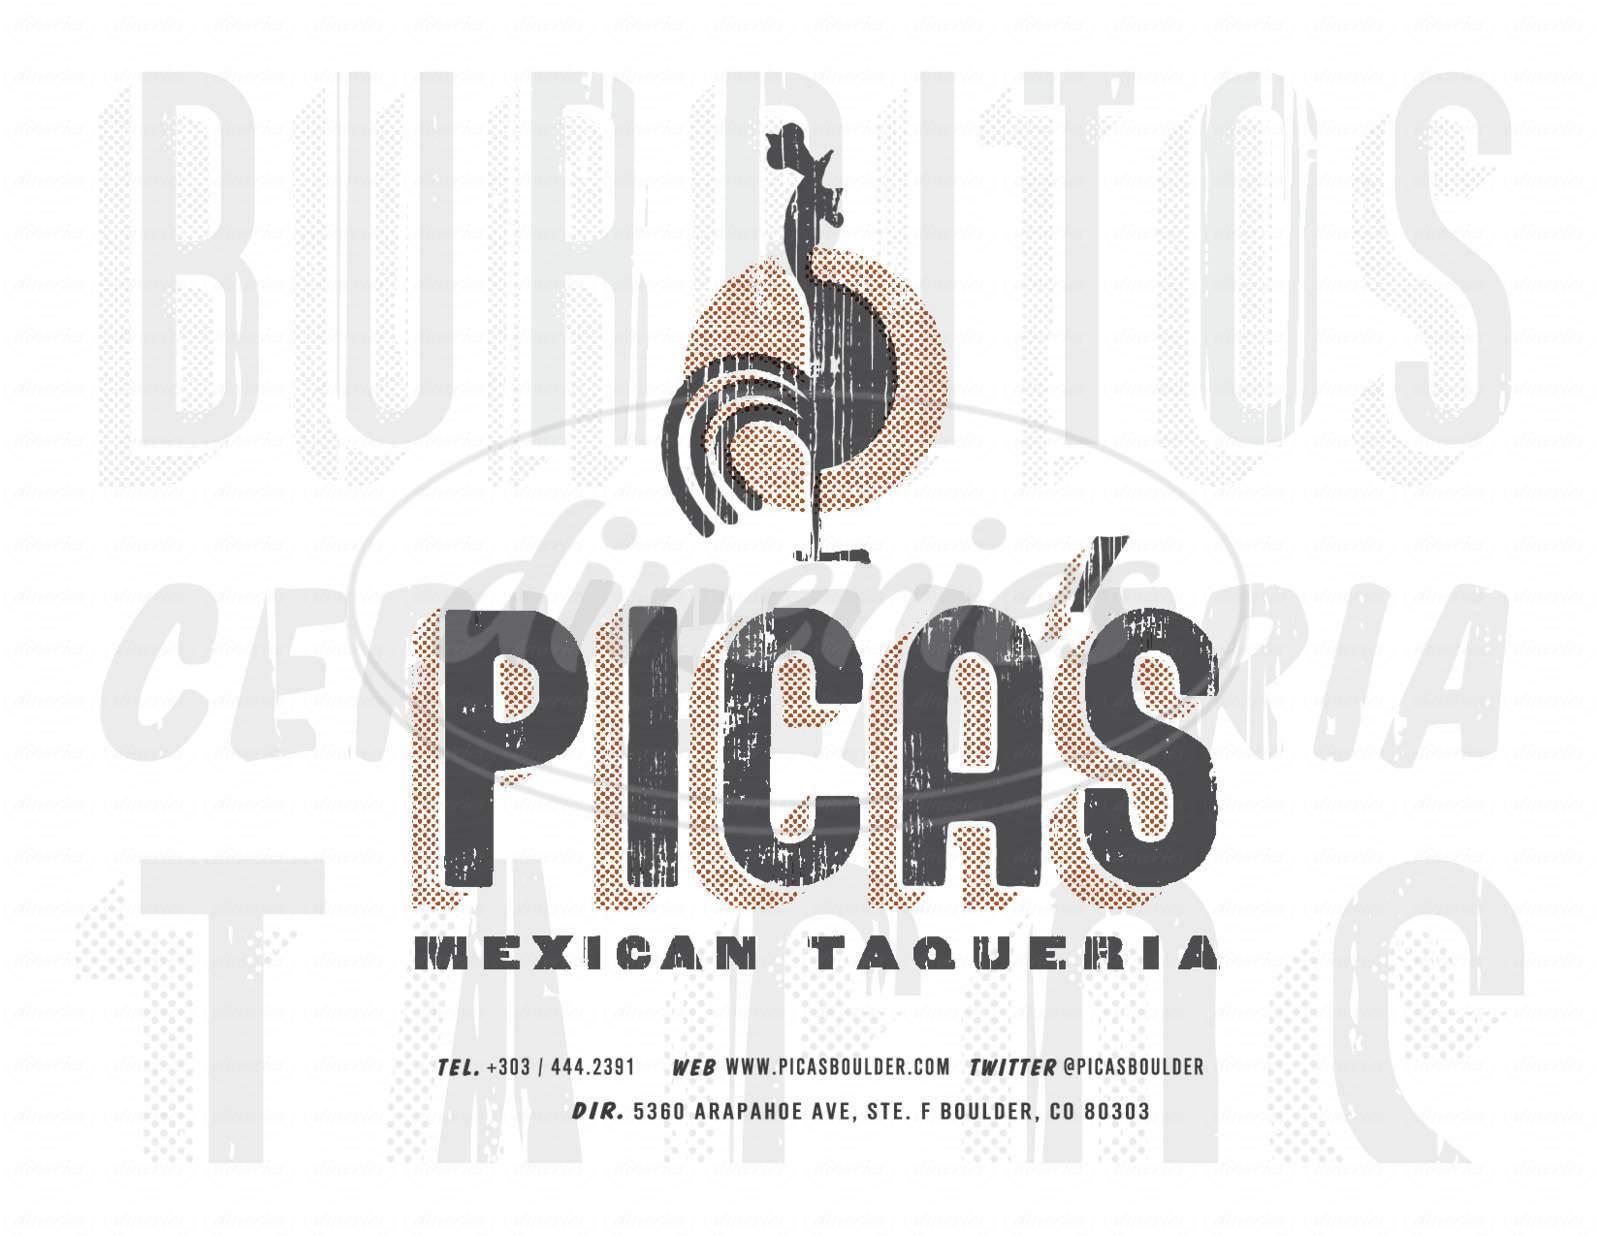 menu for Pica's Taqueria